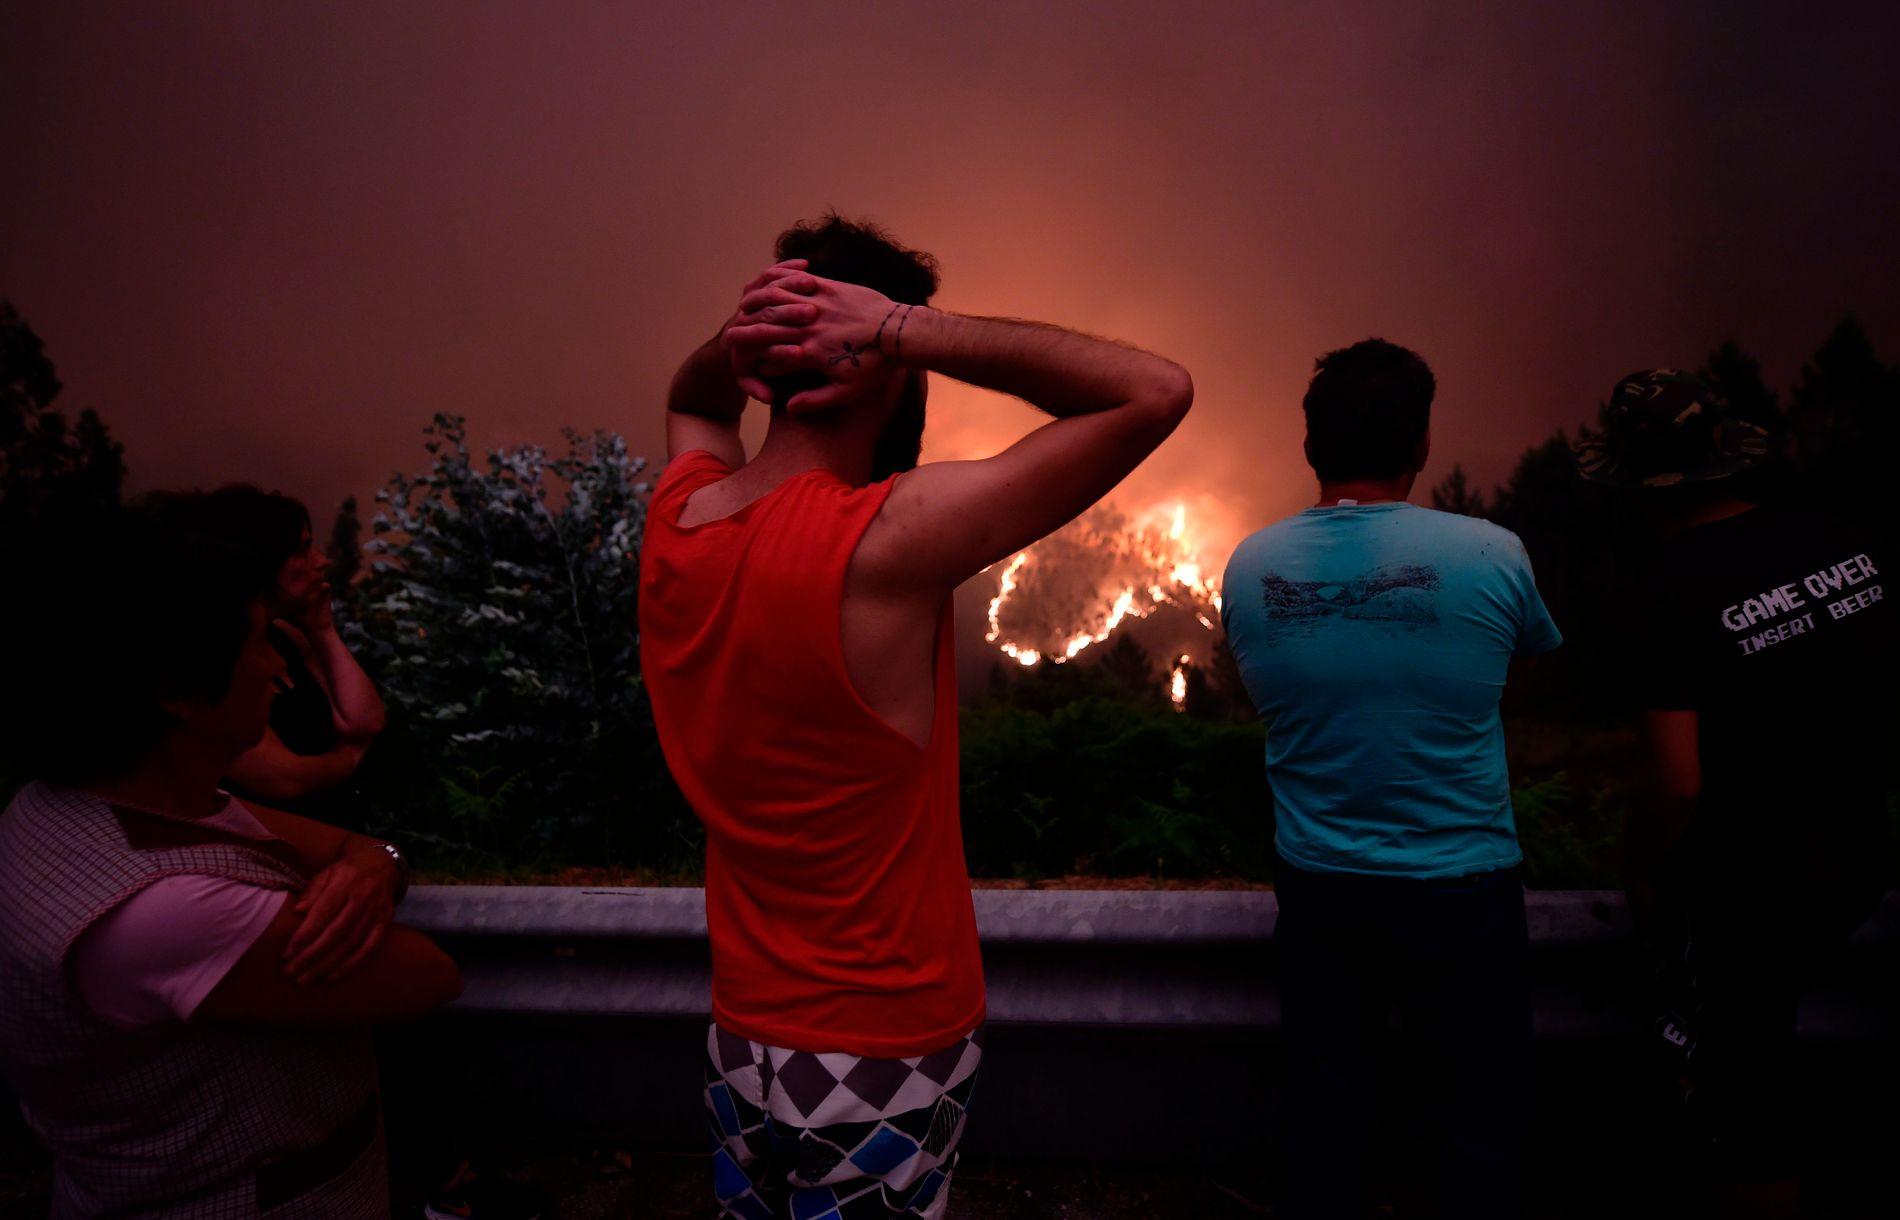 SER PÅ BRANNEN: Folk nær den portugisiske bygda Mega Fundeira ser på brannen som brøt ut lørdag.